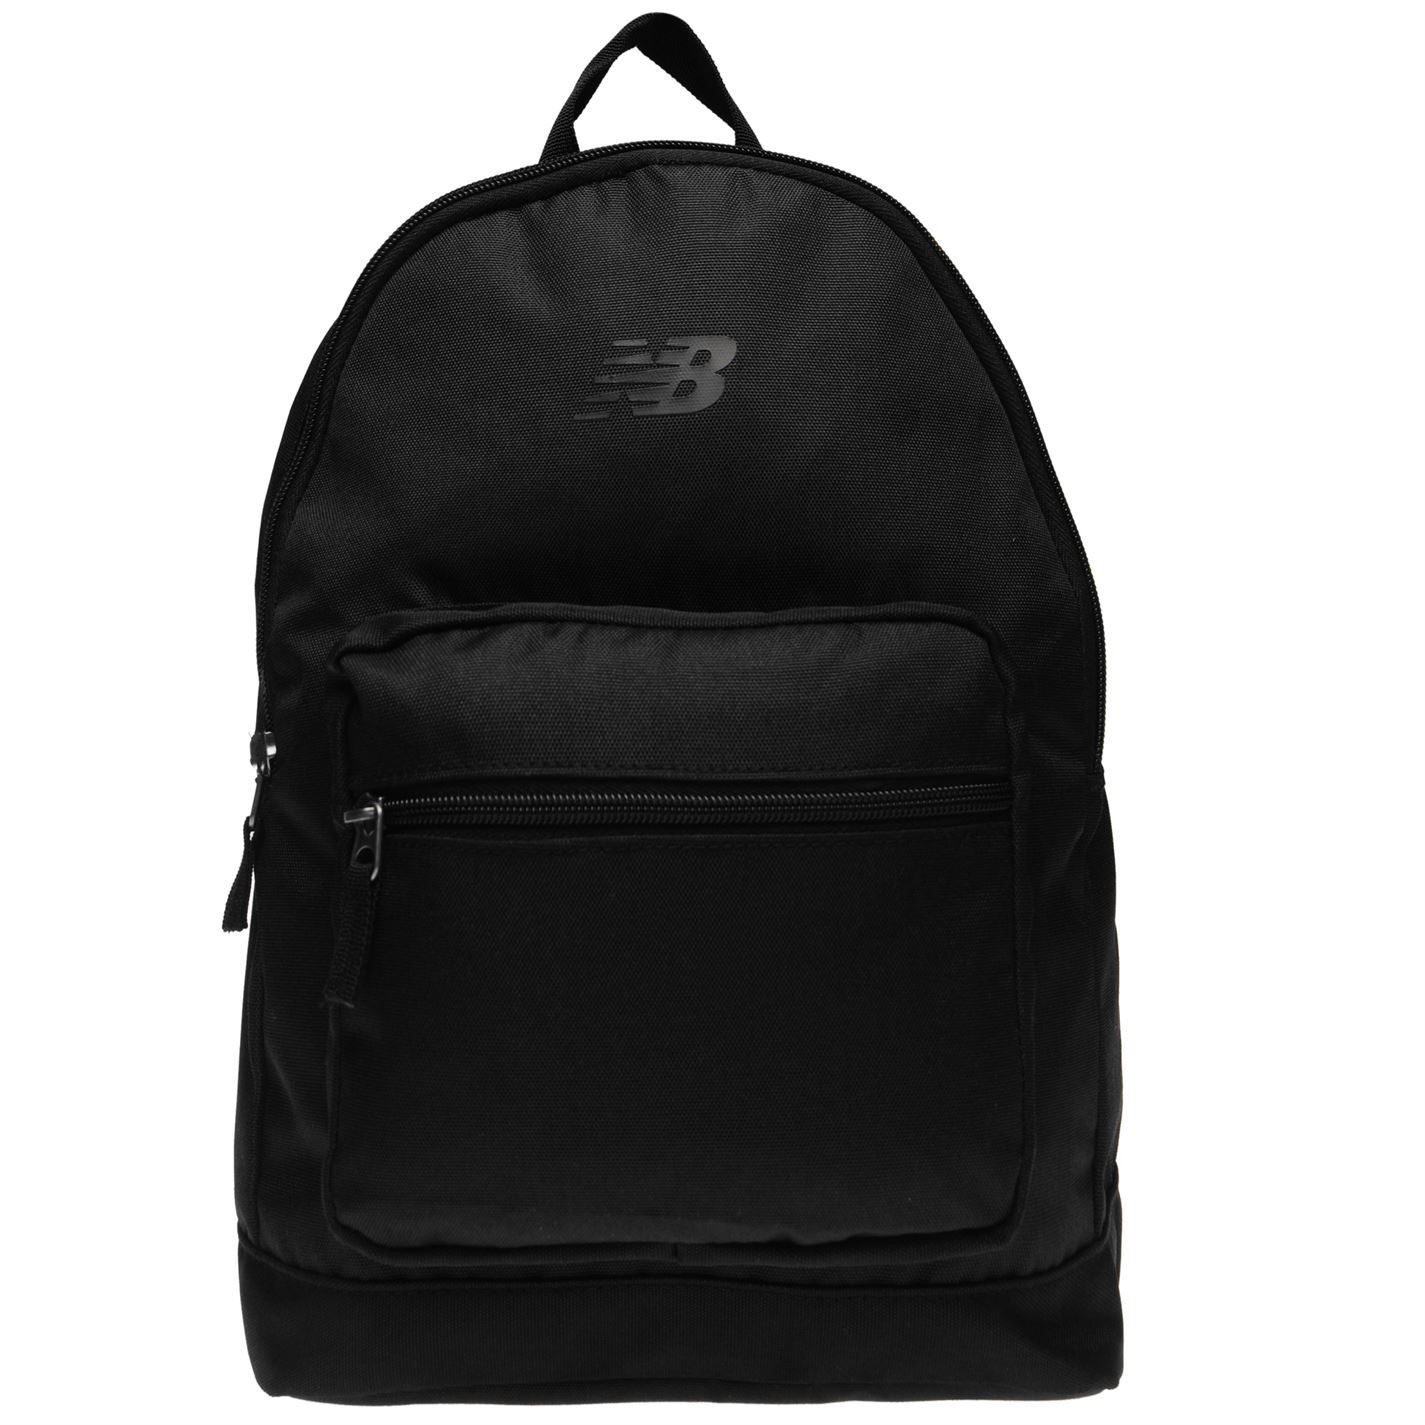 206b5a5ed63 New Balance Class Backpack Rucksack Daypack Bag   eBay